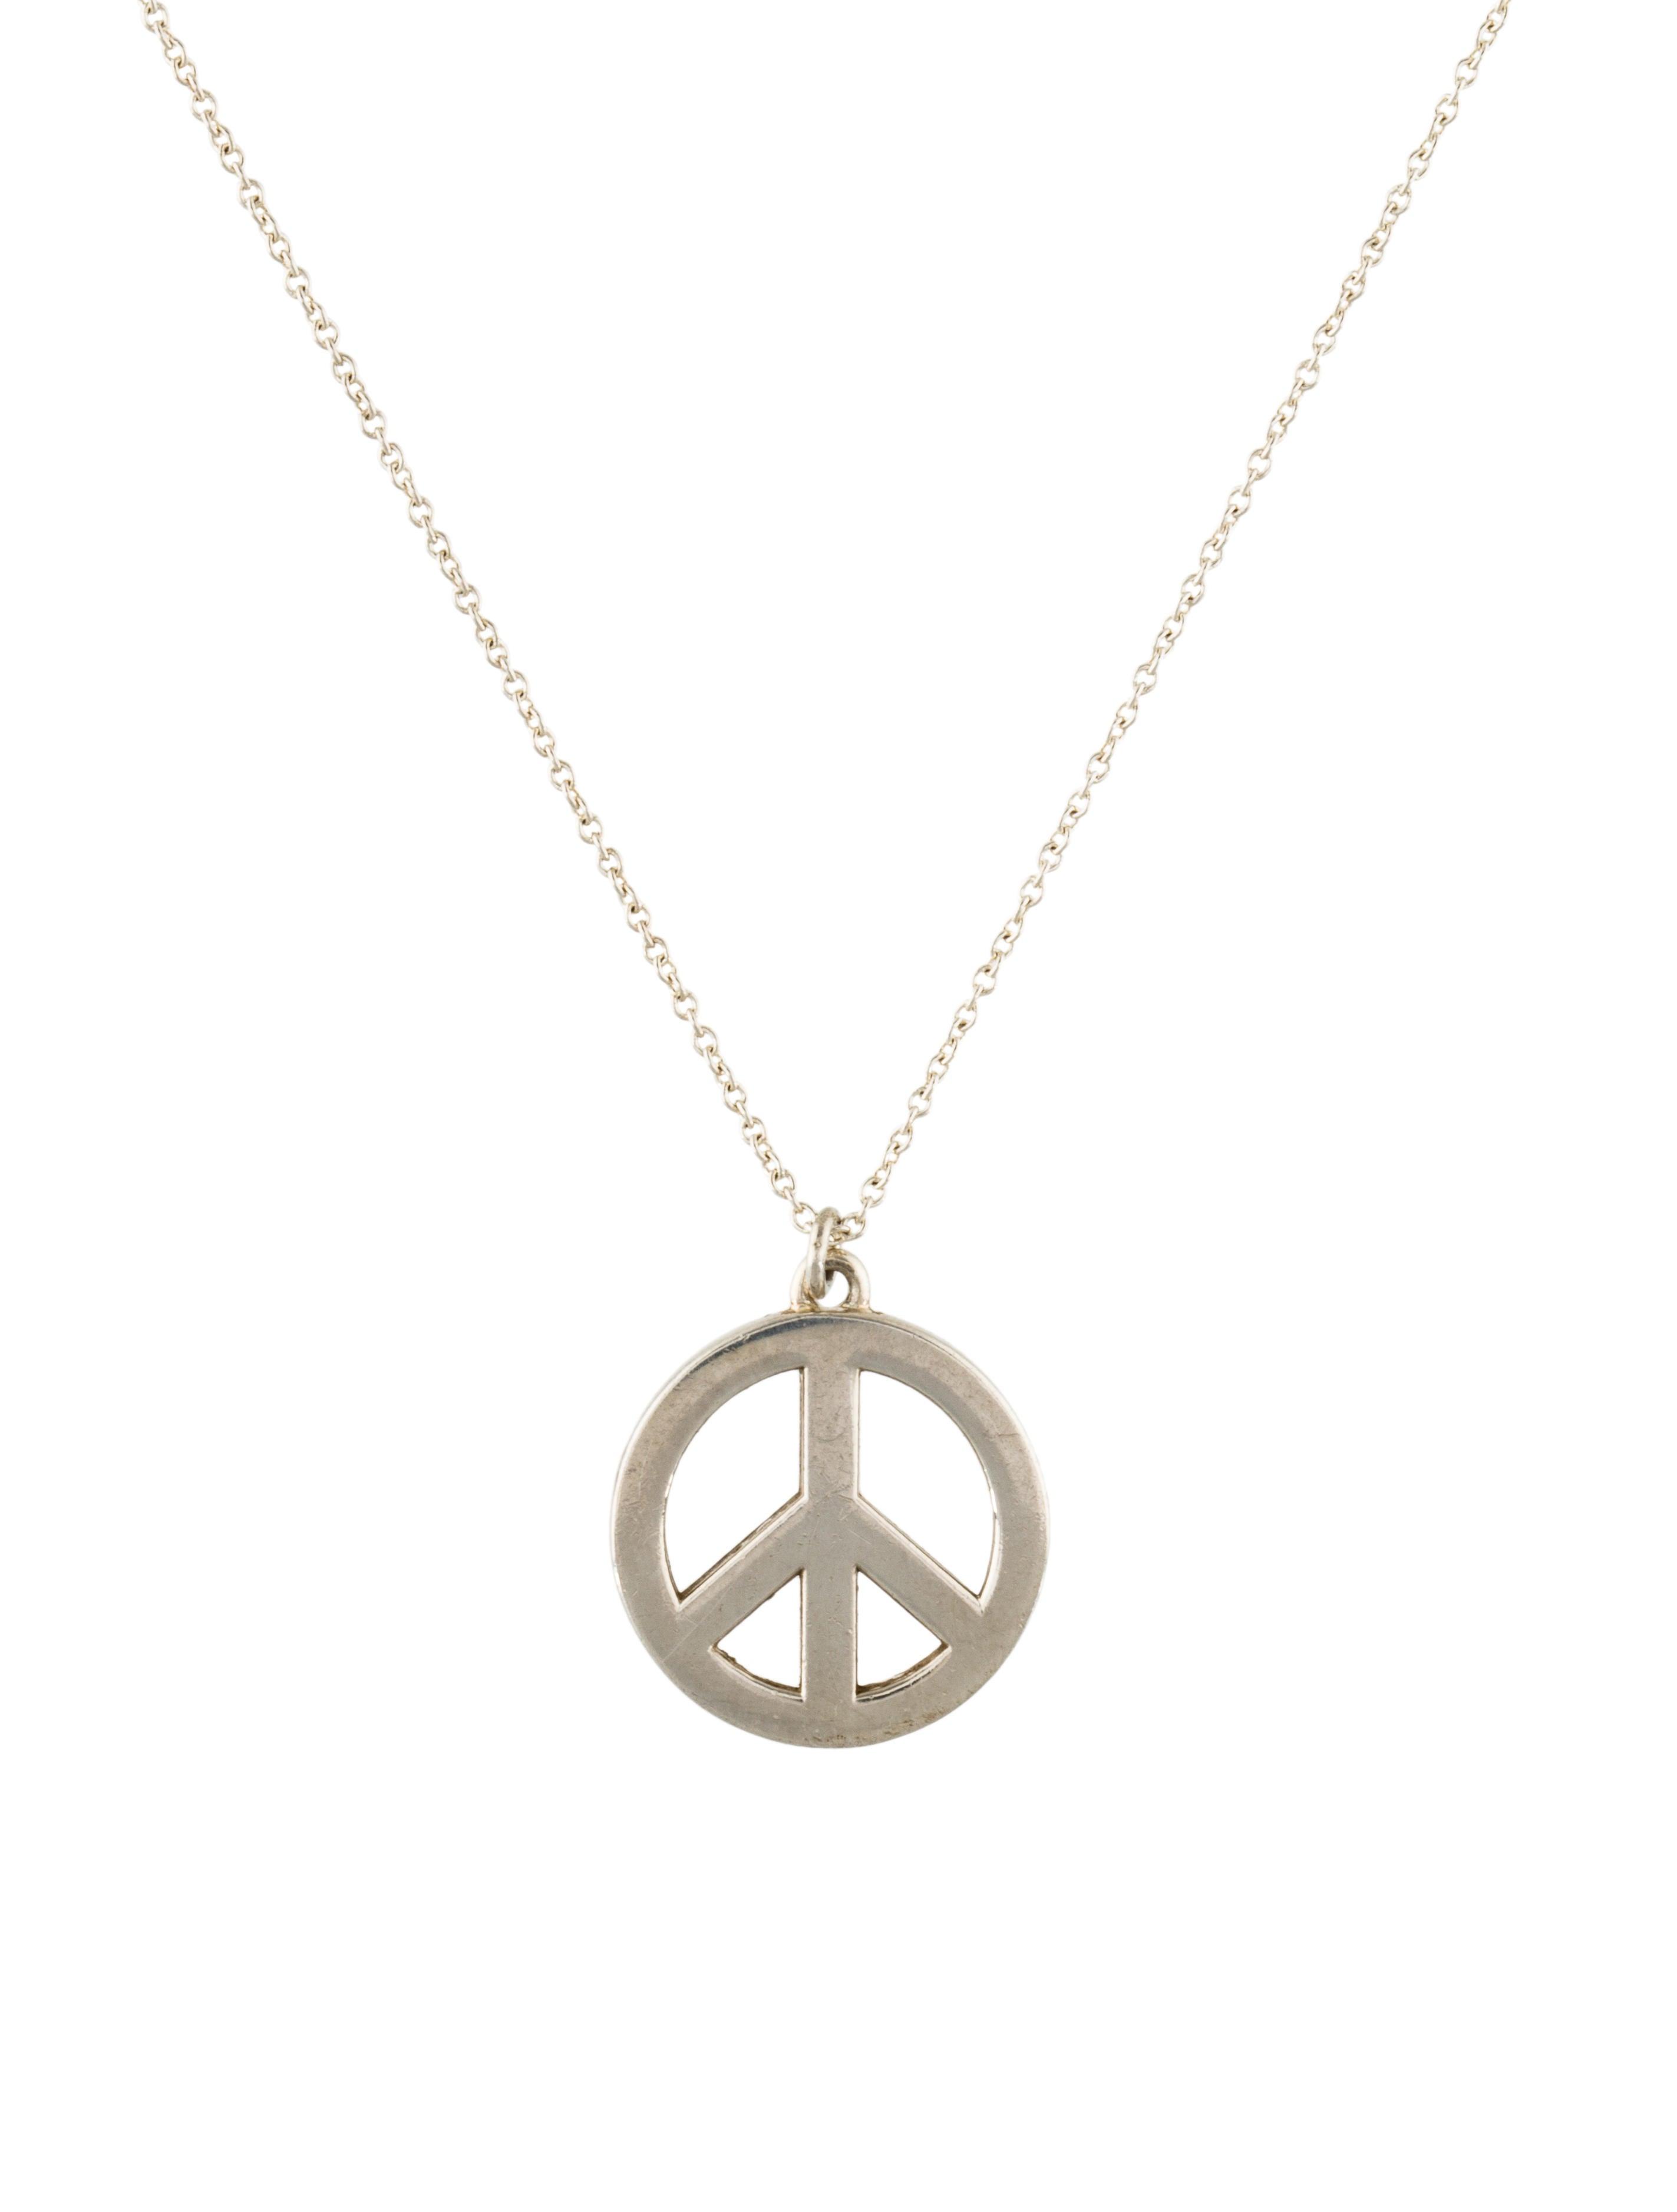 b614b552d Tiffany & Co. Peace Sign Pendant Necklace - Necklaces - TIF68569 ...